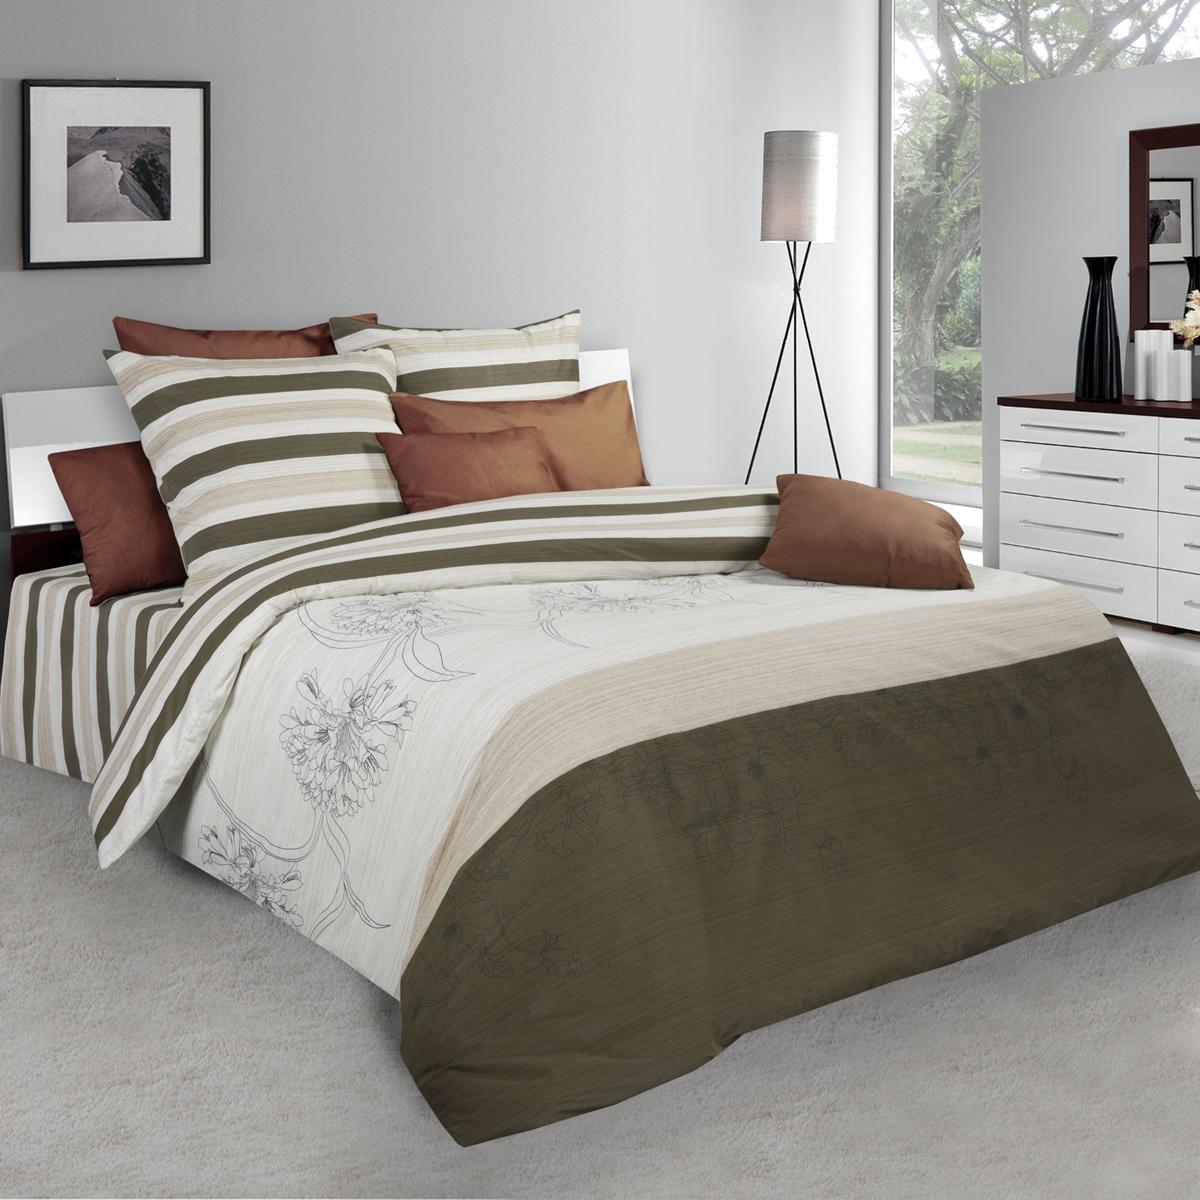 Комплект белья Guten Morgen, 1,5-спальный, наволочки 70х70. Пг-10952-143-150-70Пг-10952-143-150-70Не отказывайте себе в удовольствии оценить широкий спектр дизайнов, включающий в себя большое количество стилей и разнообразных мотивов. Комплект белья Guten Morgen - свежее решение в вопросе выбора между комфортом и изысканностью. Коллекция постельного белья Guten Morgen рождена с особым теплом и заботой, чтобы впоследствии стать стильной деталью вашего интерьера.